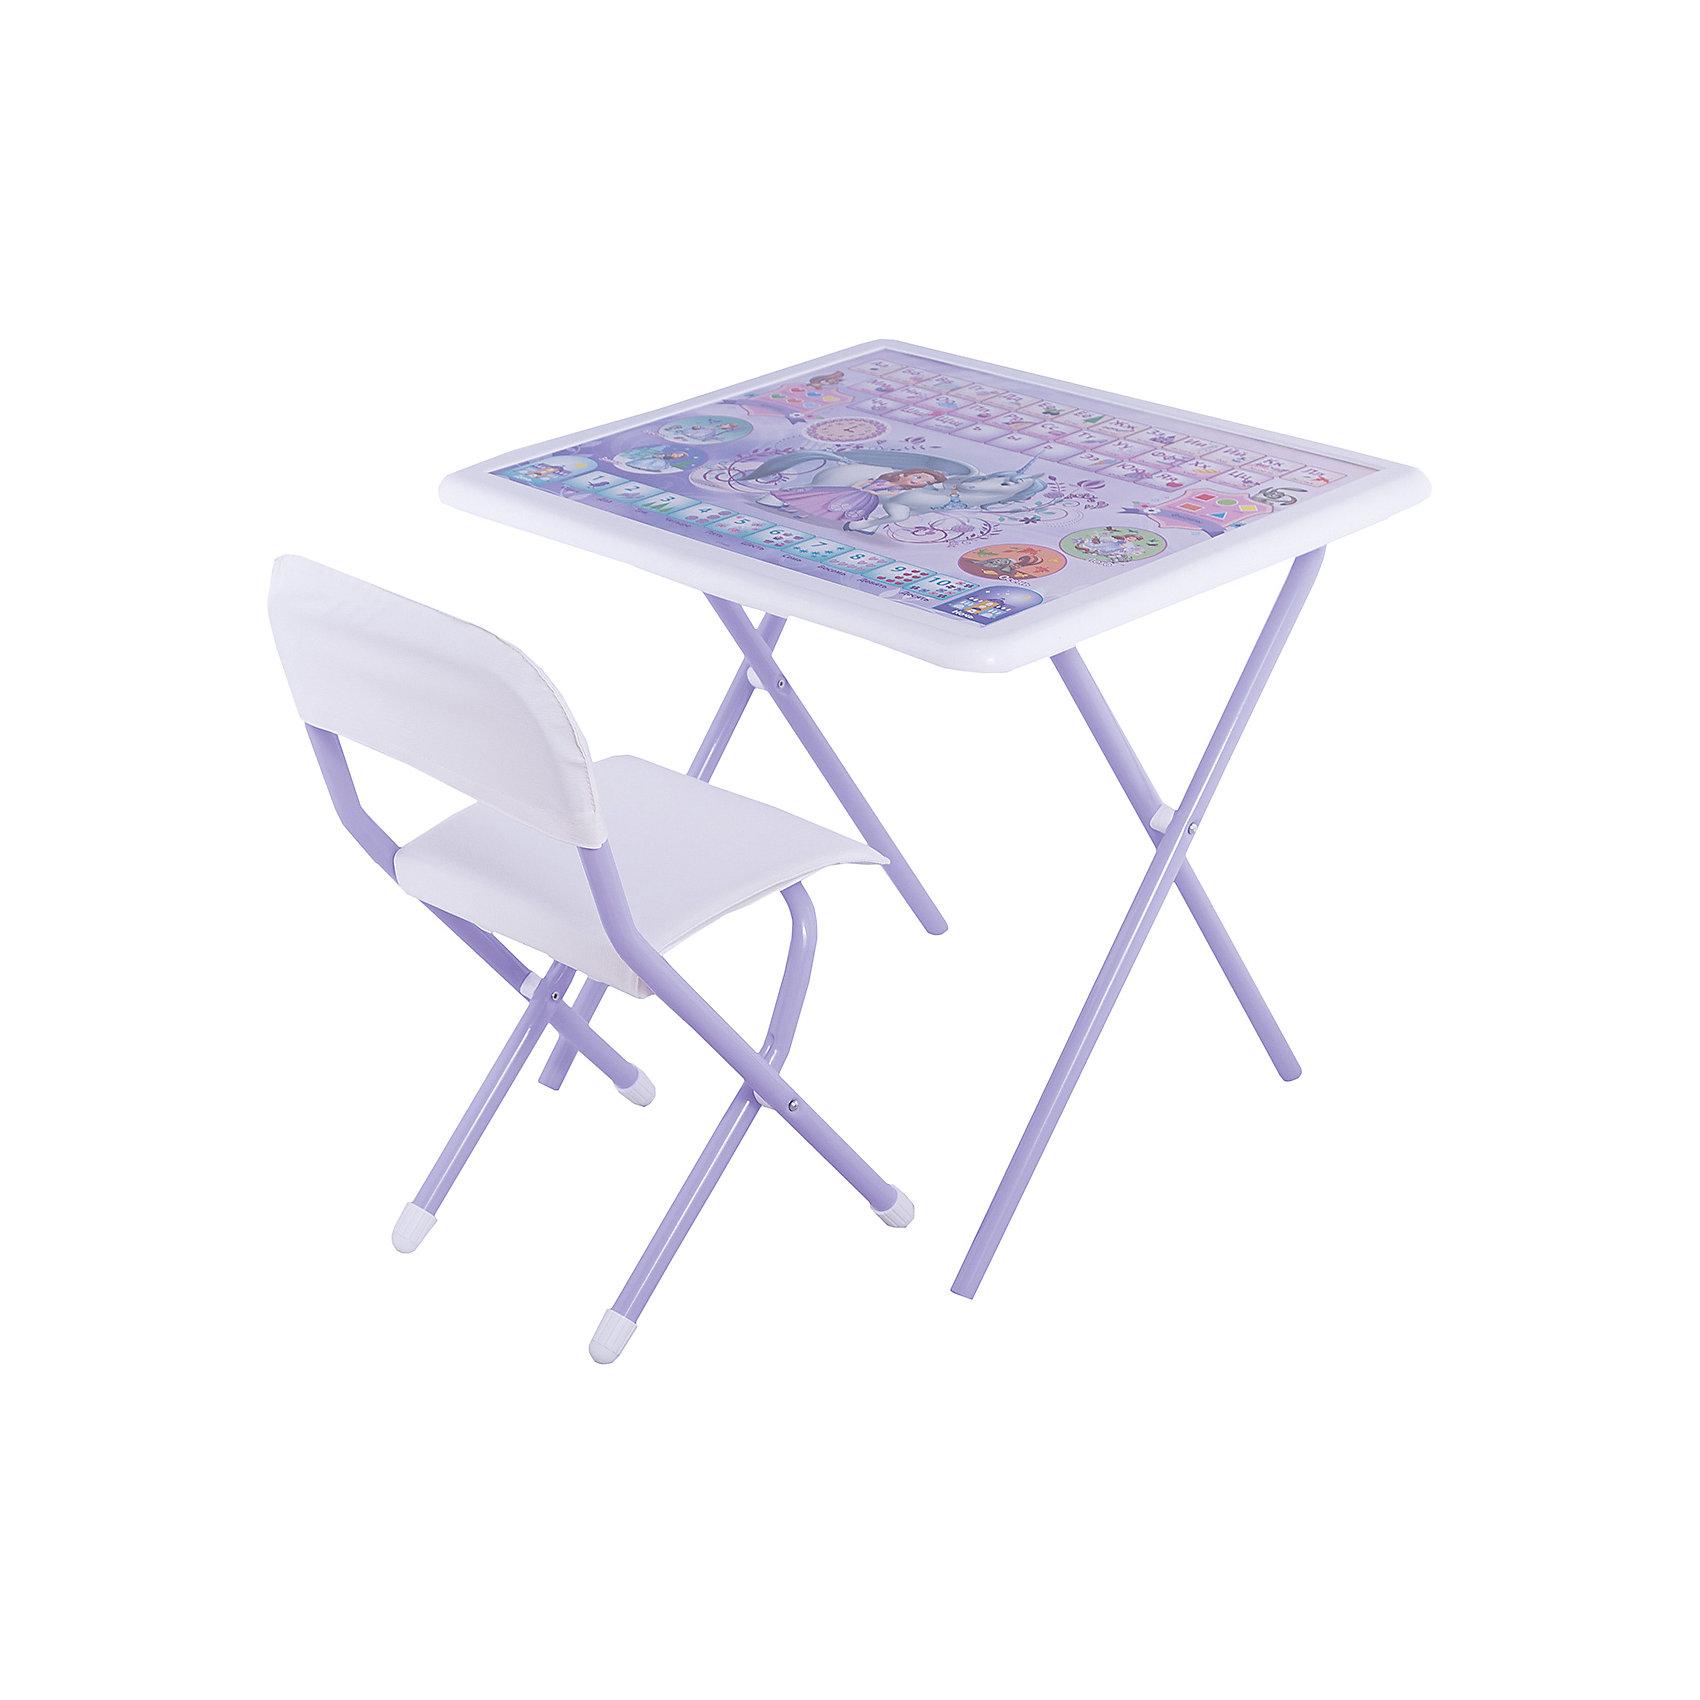 Набор складной мебели София прекрасная, ДэмиМебель<br>Набор складной мебели София прекрасная, Дэми.<br><br>Характеристики:<br><br>• Для детей в возрасте: от 3 до 7 лет<br>• В комплекте: складной стол и стульчик<br>• Материал: прочный пластик, металл, ЛДСП<br>• Размер столешницы: 65х56 см.<br>• Высота стола: 58 см.<br>• Вес: 7 кг.<br><br>Комплект складной мебели 3 ростовой группы (для детей 3-7 лет) прекрасно впишется в интерьер любой детской. Стол, фактически, представляет собой 3 в 1: можно играть, можно есть, можно обучаться! На поверхность столешницы нанесены обучающие рисунки и любимые персонажи мультсериала София прекрасная, а по периметру размещен безопасный бампер. Ваш ребенок выучит алфавит и цифры от 1 до 10, познакомится с цветами, геометрическими фигурами, временами года и суток. Все материалы, используемые при изготовлении набора, соответствуют ГОСТам, и абсолютно безопасны для здоровья Вашего малыша. Рабочая поверхность стола, сиденье и спинка стула сделаны из прочной пластмассы, края закруглены. Устойчивые металлические ножки имеют пластмассовые заглушки. Кроме этого, за мебелью очень легко ухаживать. Вы сможете приучать ребенка к порядку с самых ранних лет. Детям наверняка очень понравится этот комплект - настоящий детский рабочий кабинет, а родители, несомненно, оценят его компактность.<br><br>Набор складной мебели София прекрасная, Дэми можно купить в нашем интернет-магазине.<br><br>Ширина мм: 770<br>Глубина мм: 740<br>Высота мм: 140<br>Вес г: 8000<br>Возраст от месяцев: 36<br>Возраст до месяцев: 84<br>Пол: Унисекс<br>Возраст: Детский<br>SKU: 5569671